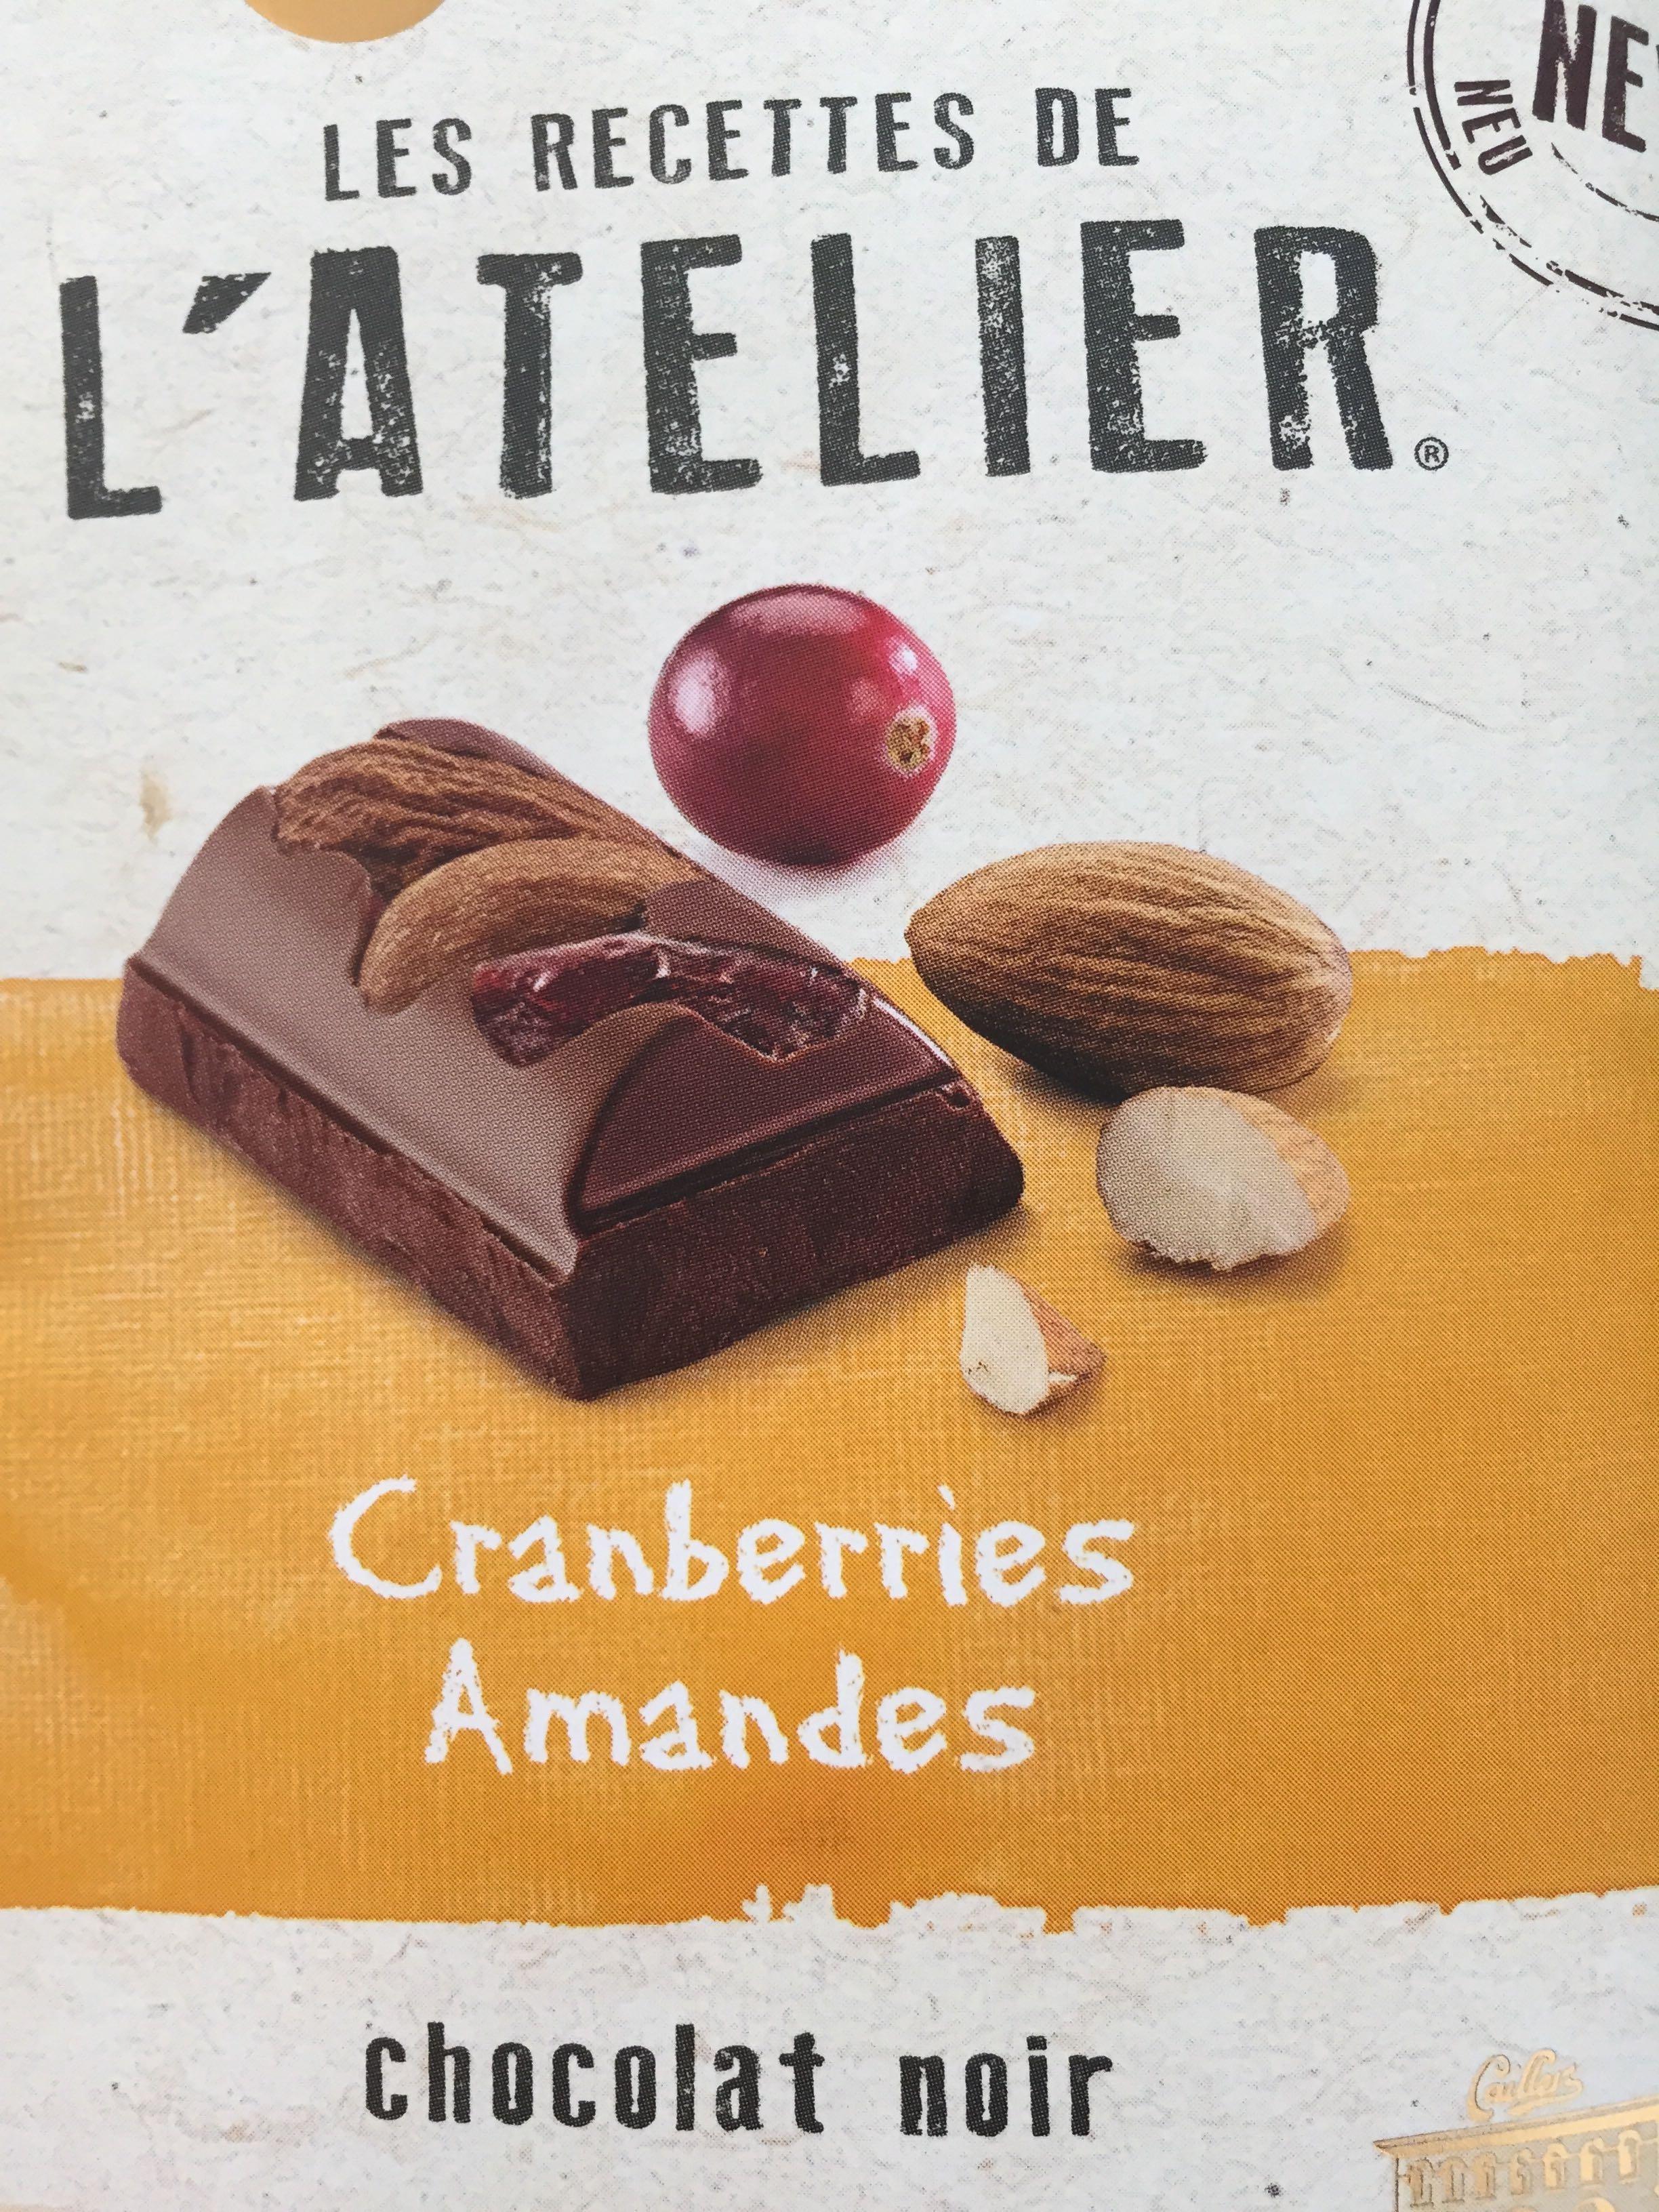 Chocolat noir extrafin avec des amandes entières et cranberries - Prodotto - fr